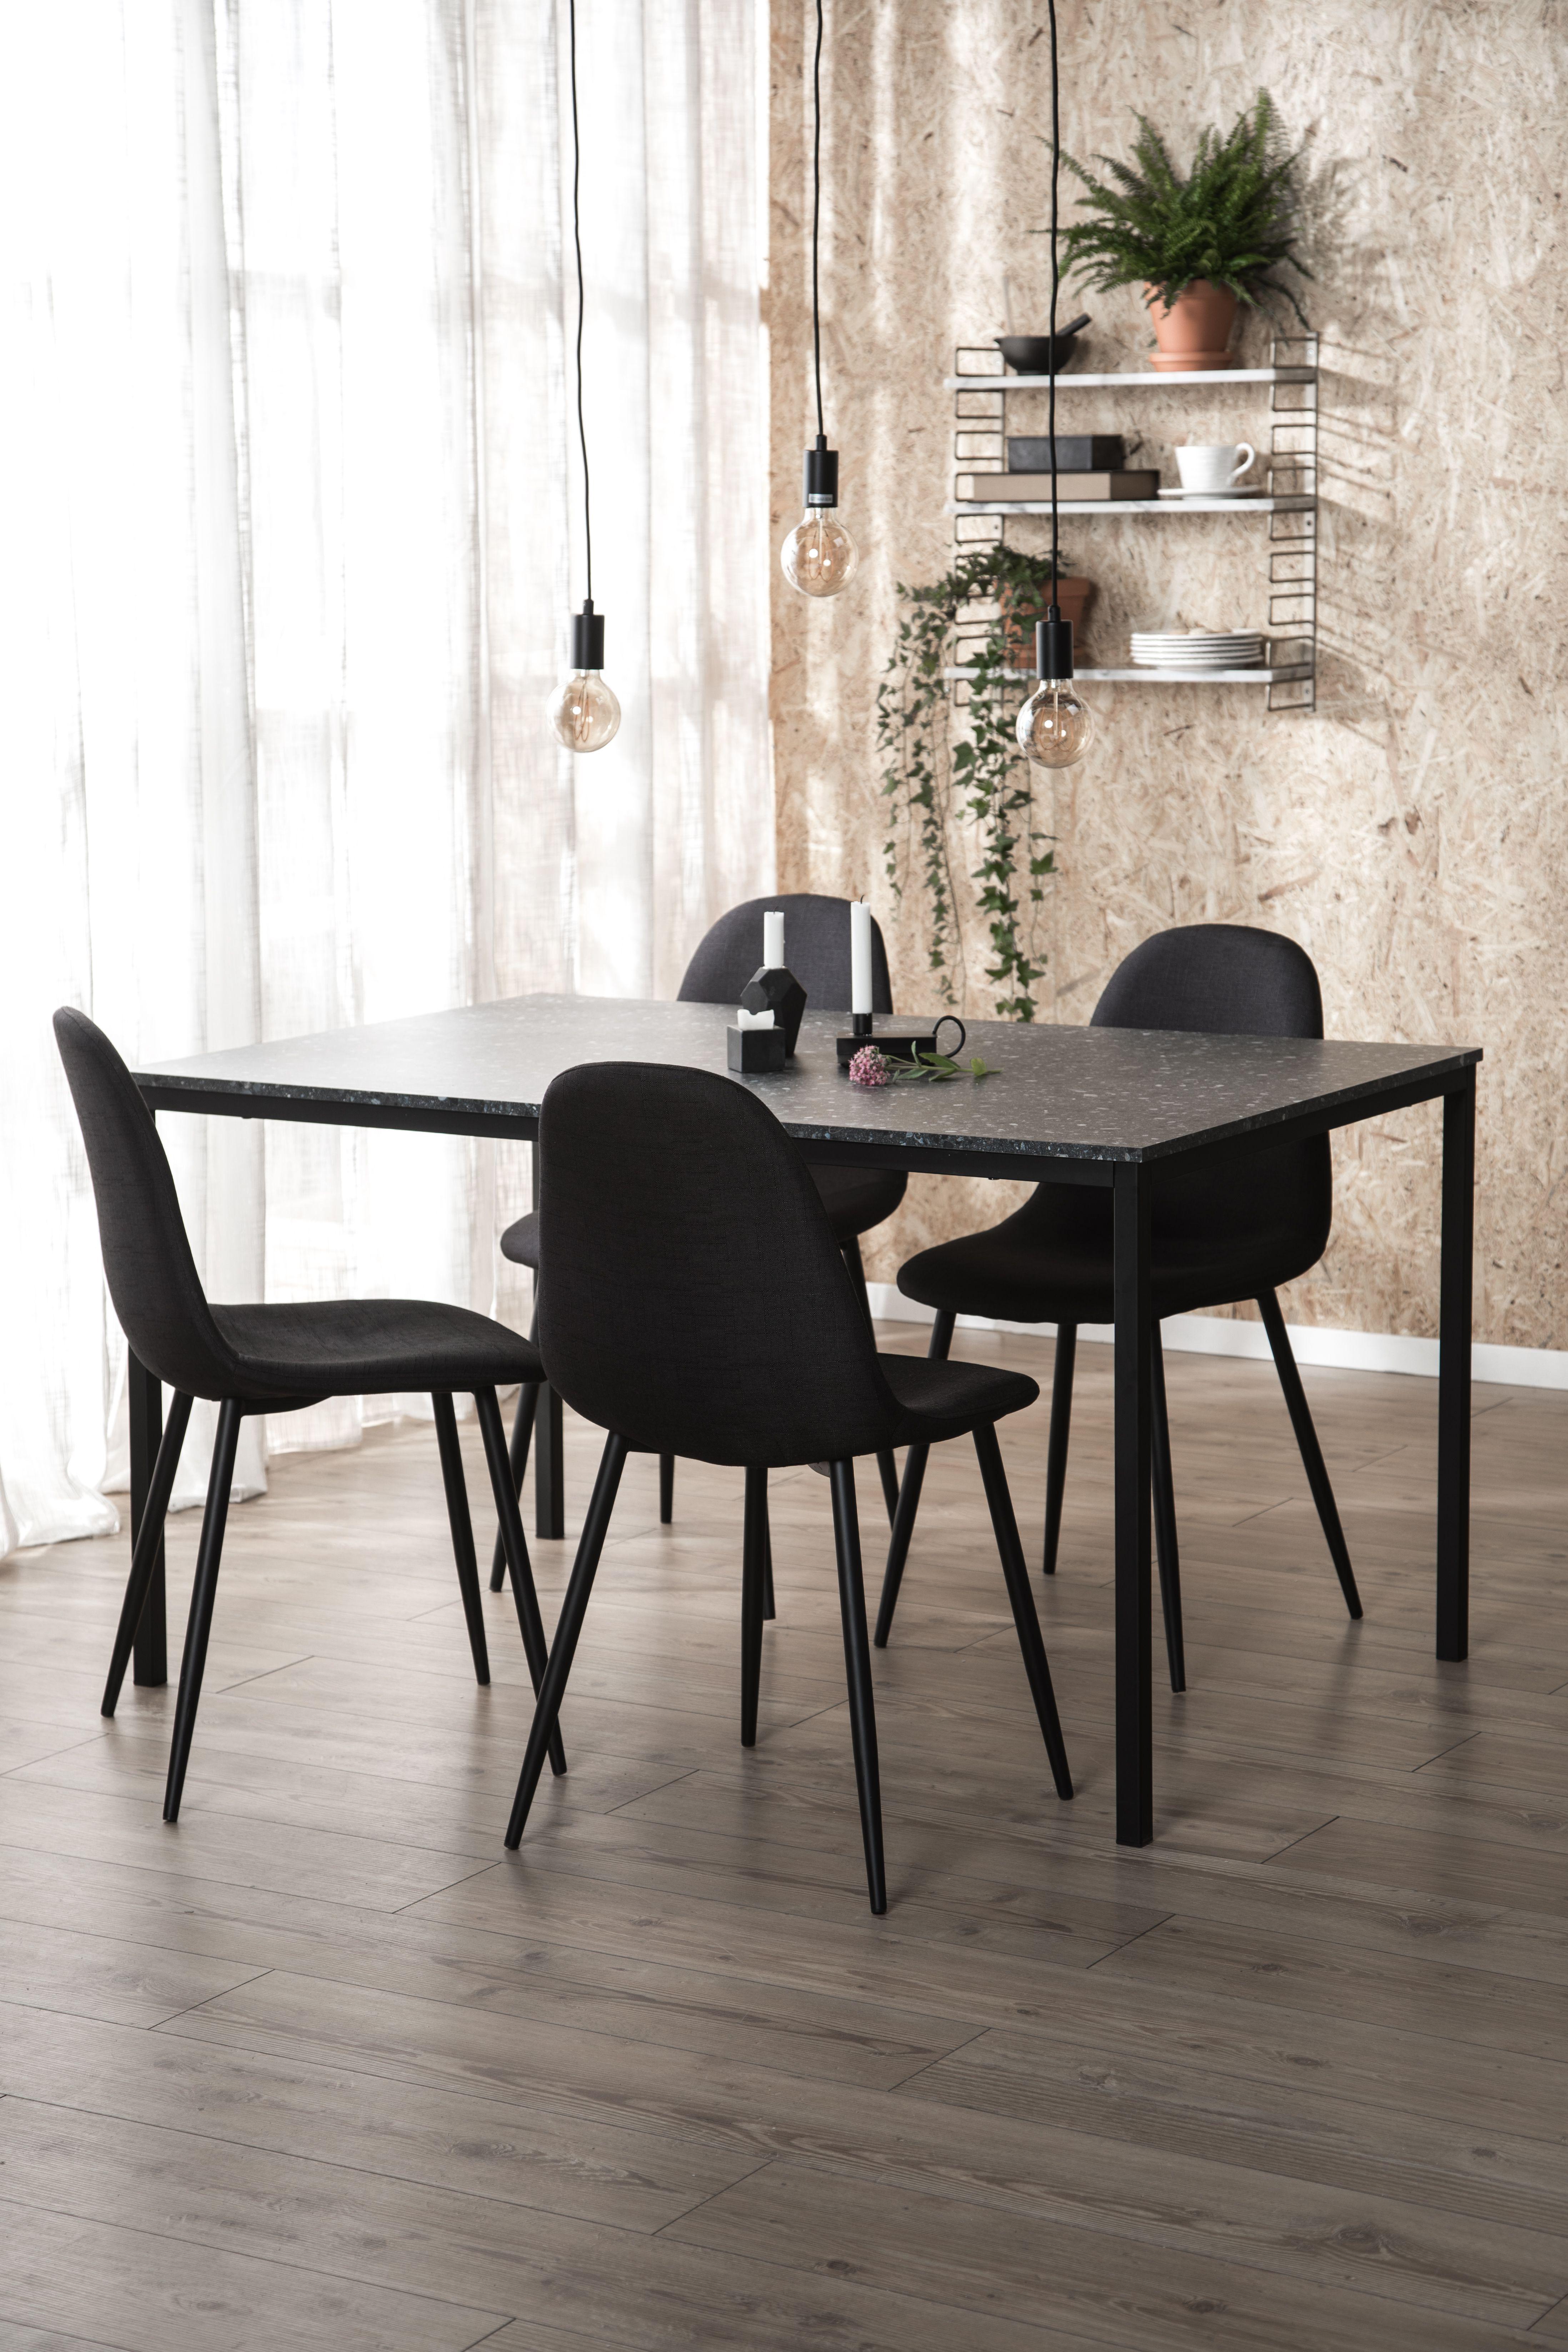 Välkända Terrazzo, matrum, matgrupp, bord, stol, furniturebox, svarta QZ-67